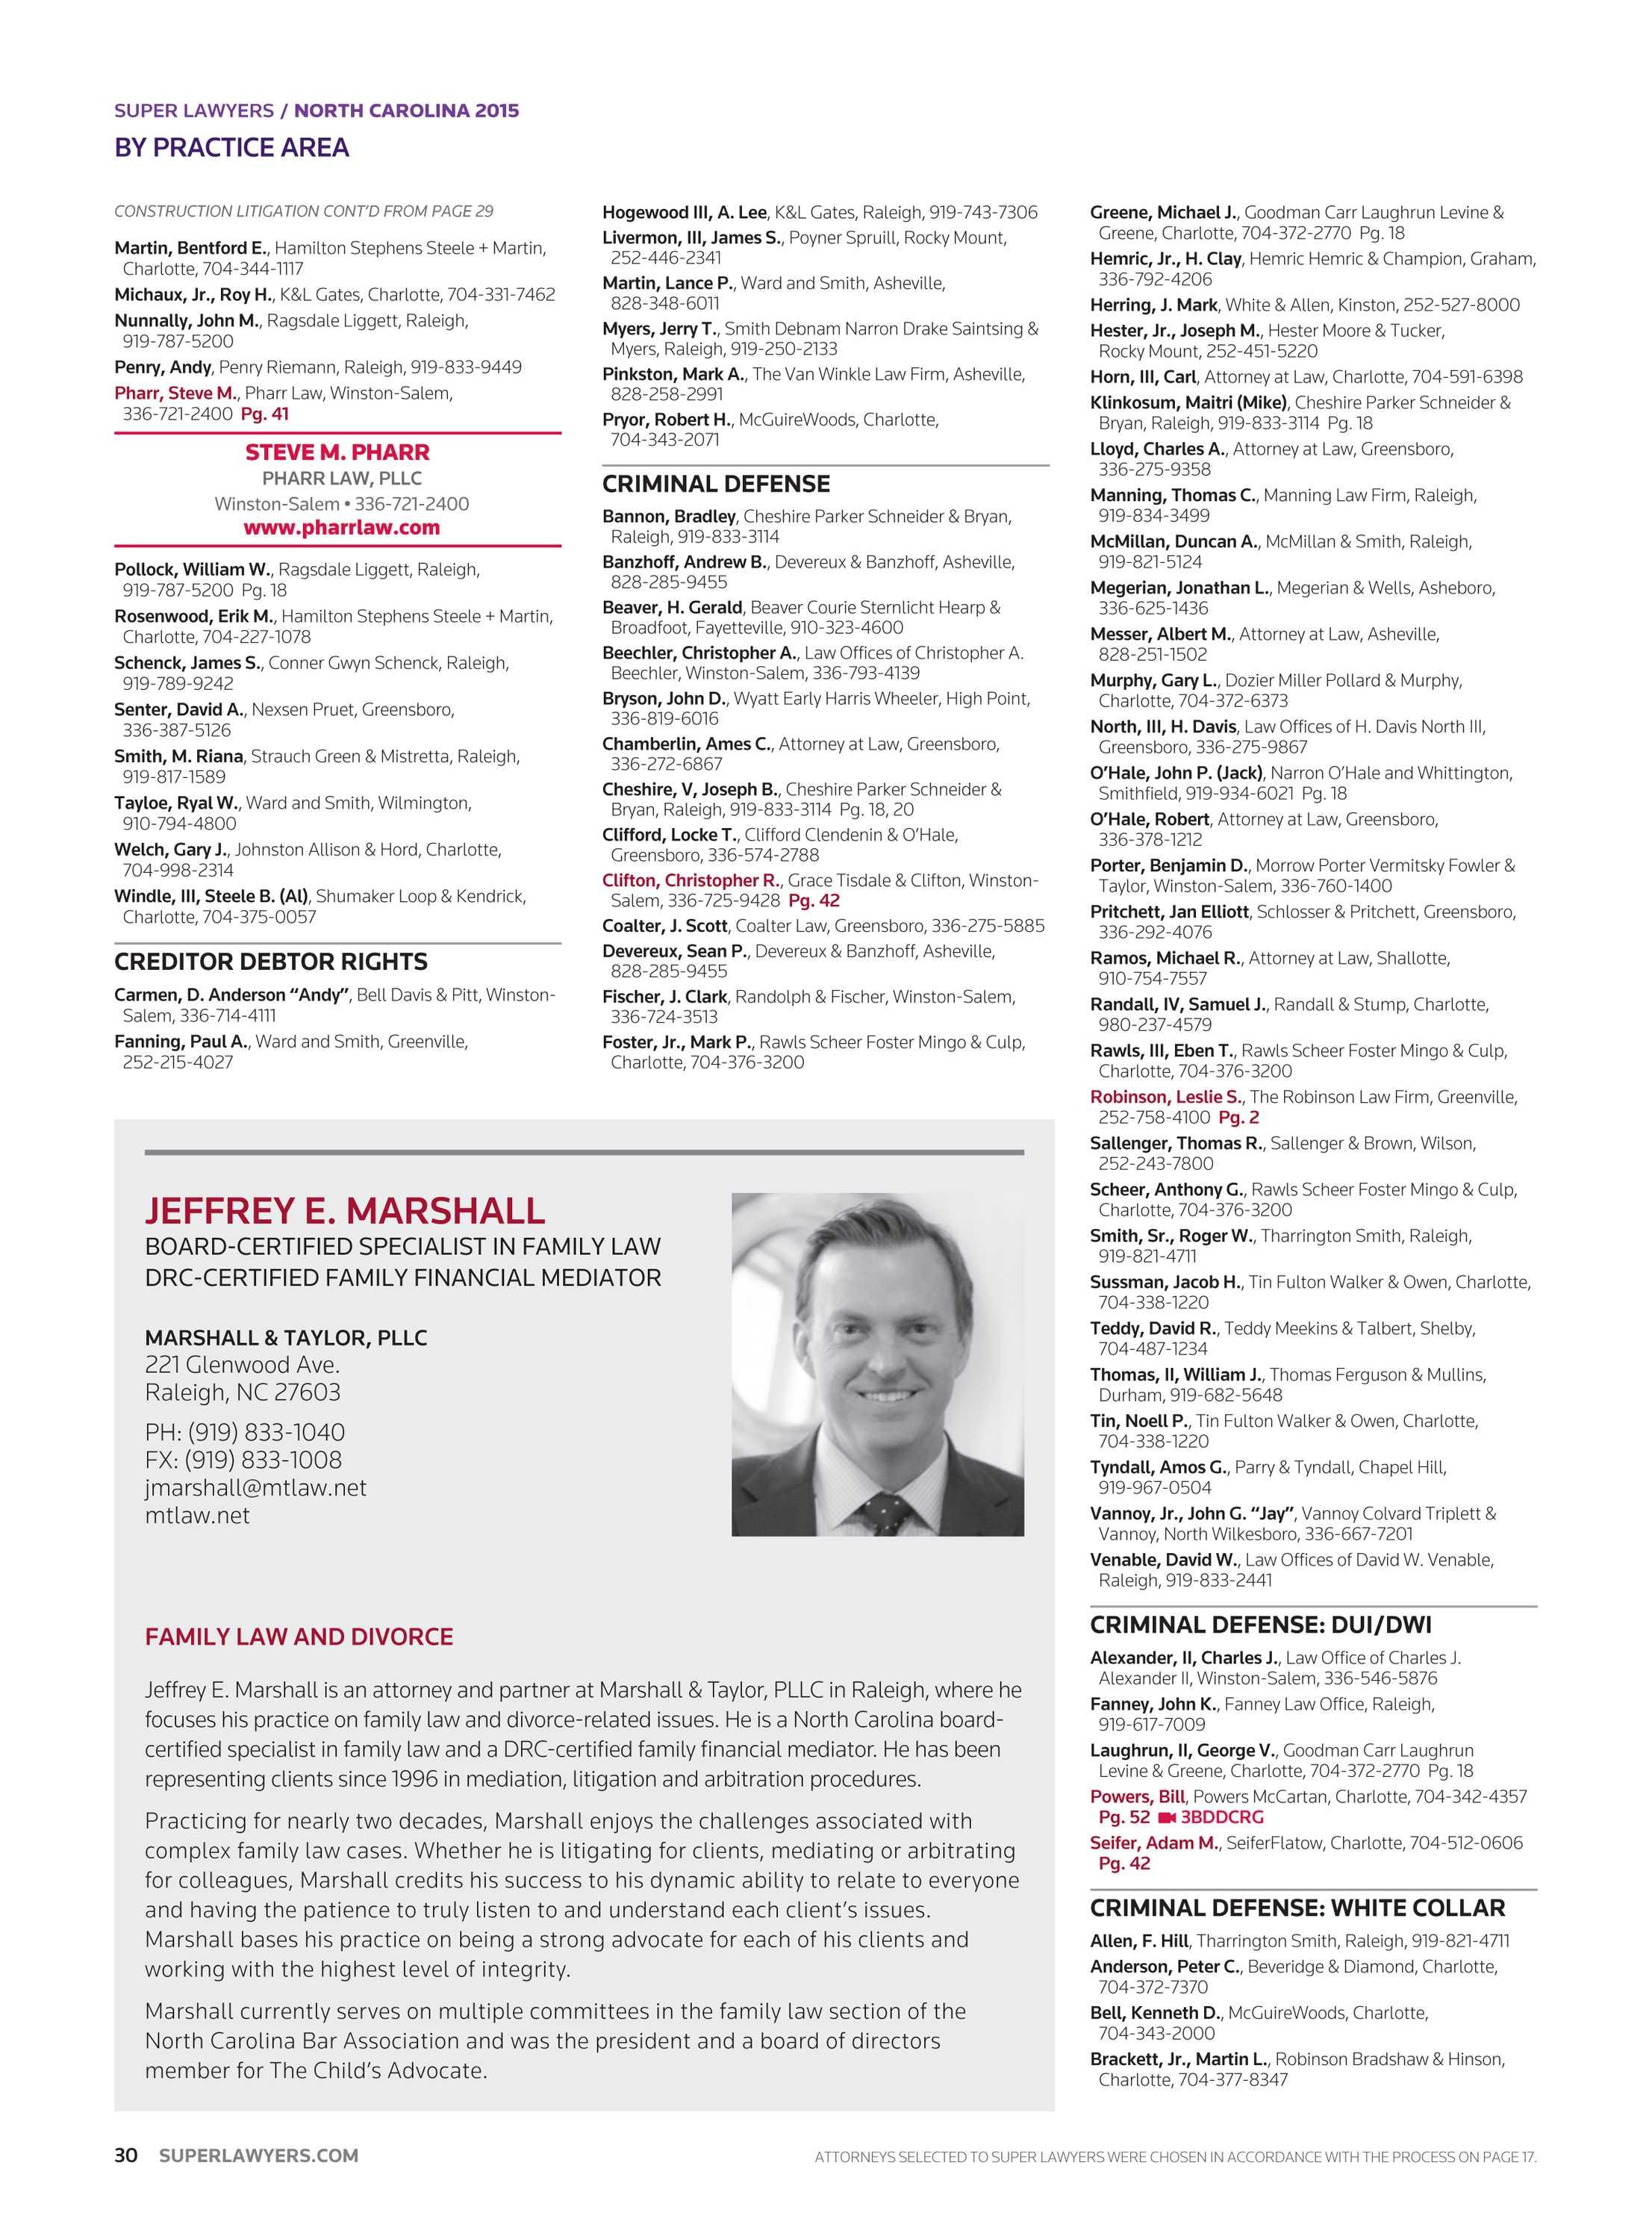 Super Lawyers - North Carolina - page 30